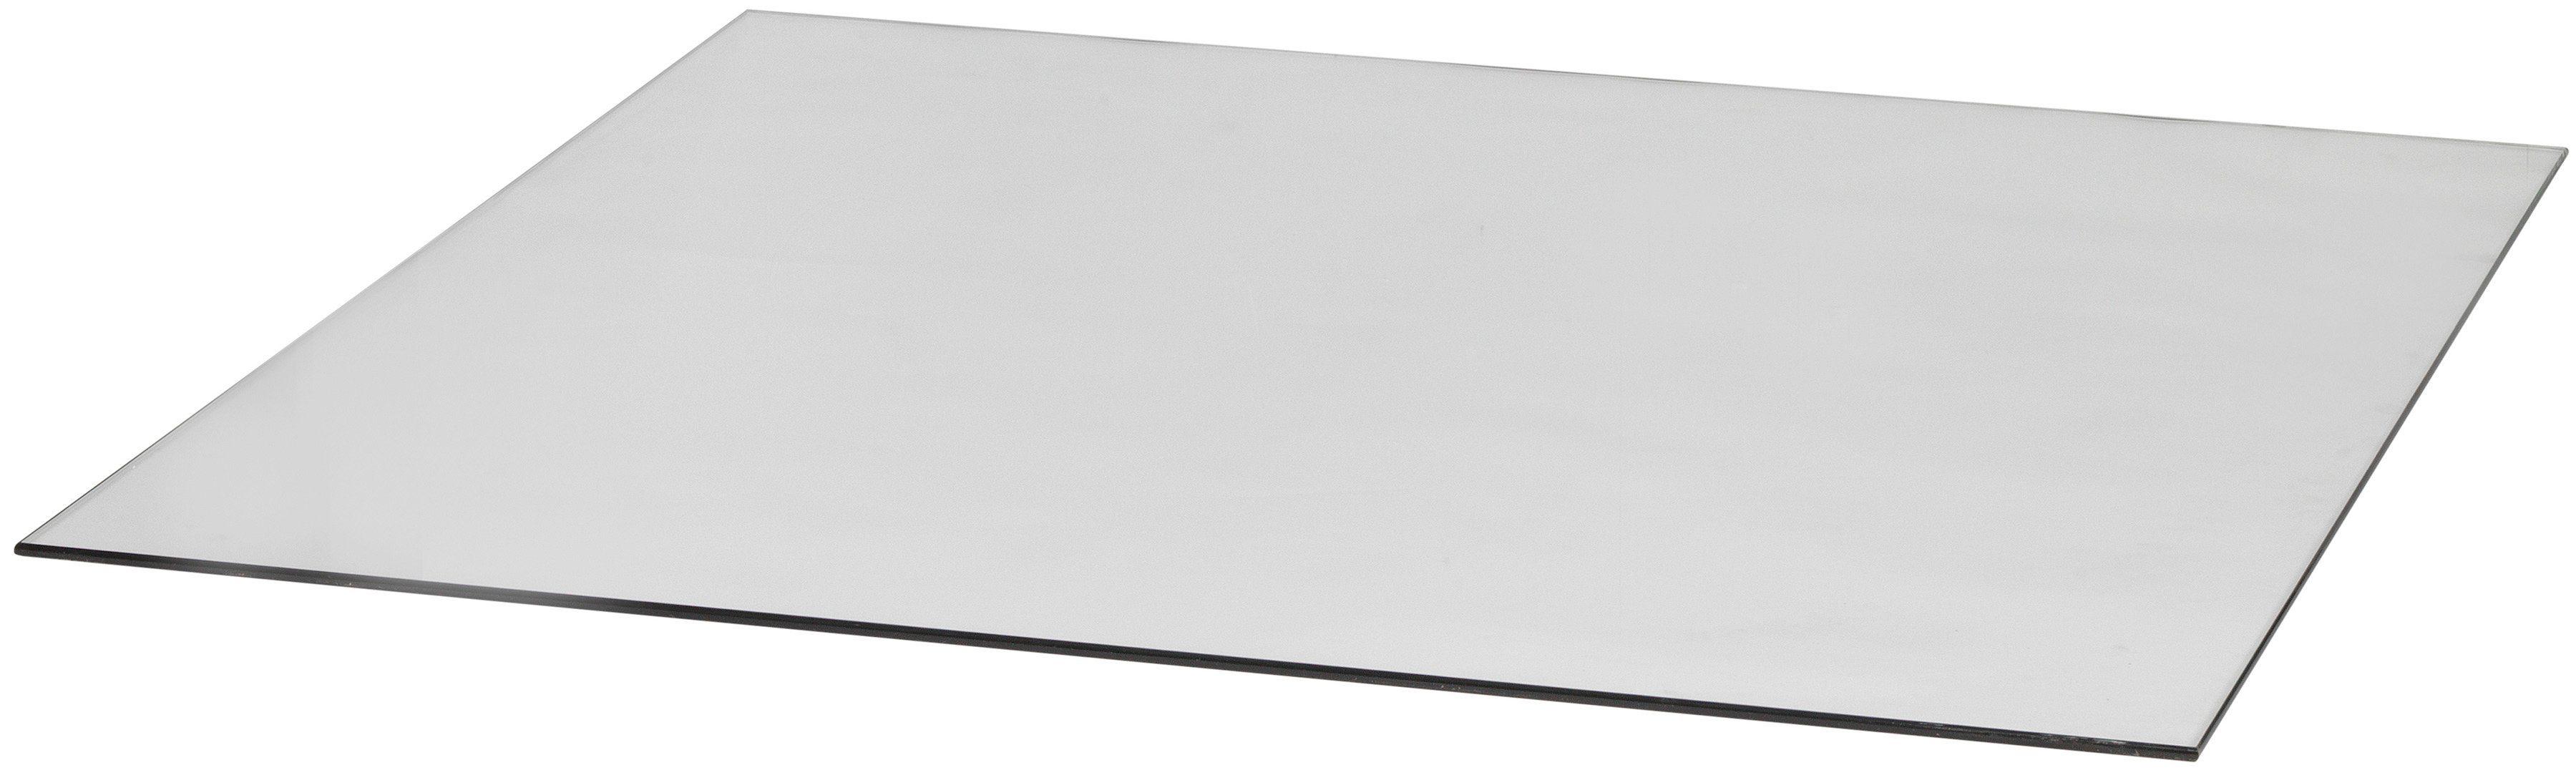 Glasbodenplatte für Kaminöfen , quadratisch, 110x110 cm, zum Funkenschutz